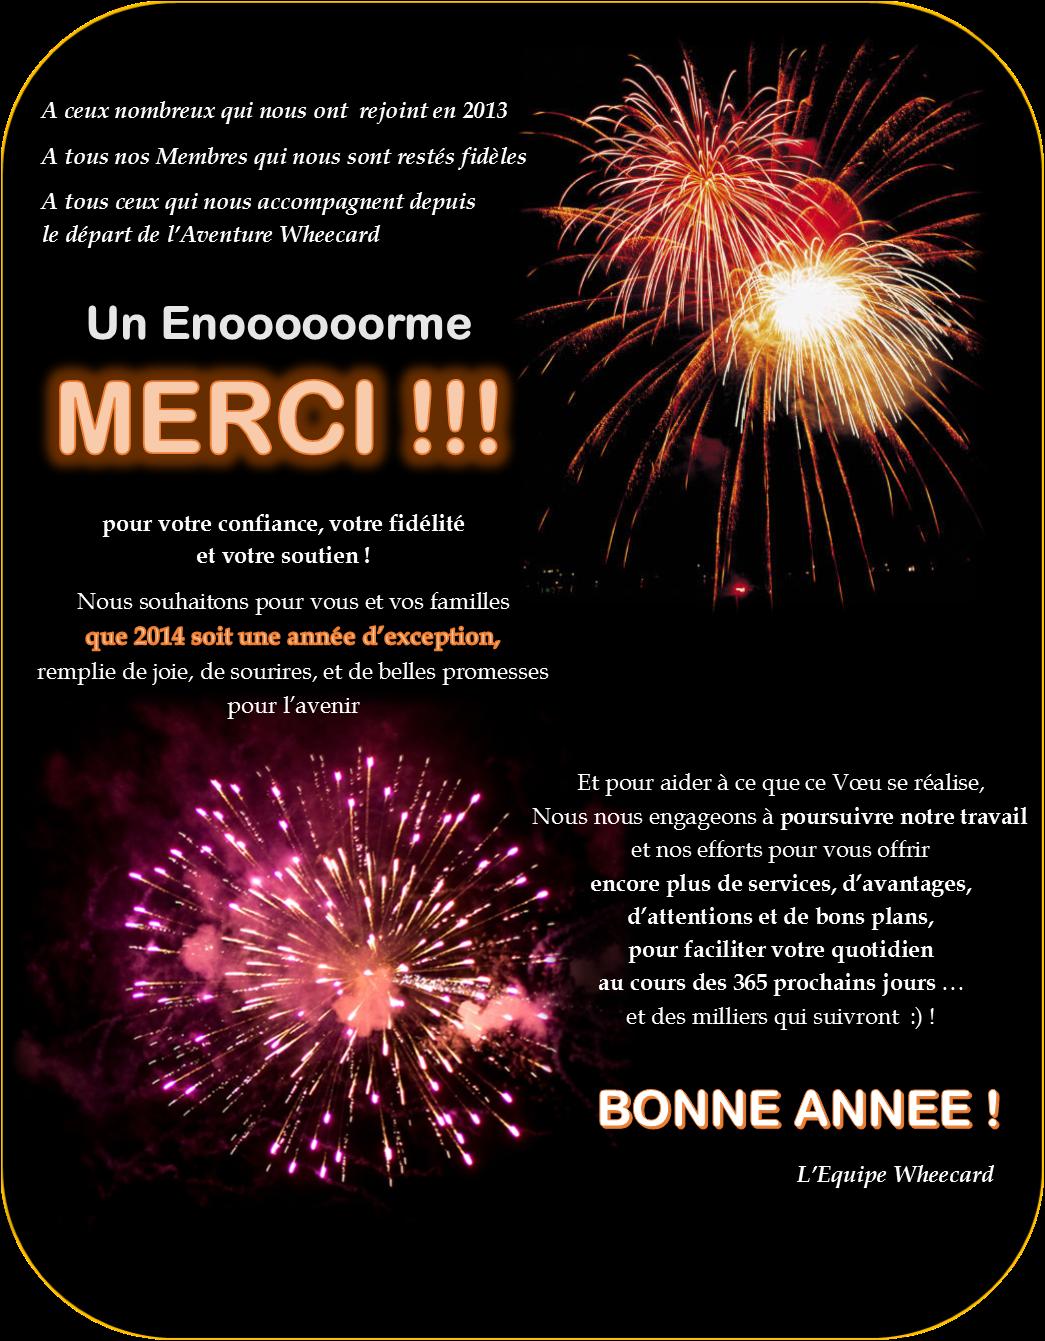 BONNE_ANNEE_2014_avec_WHEECARD